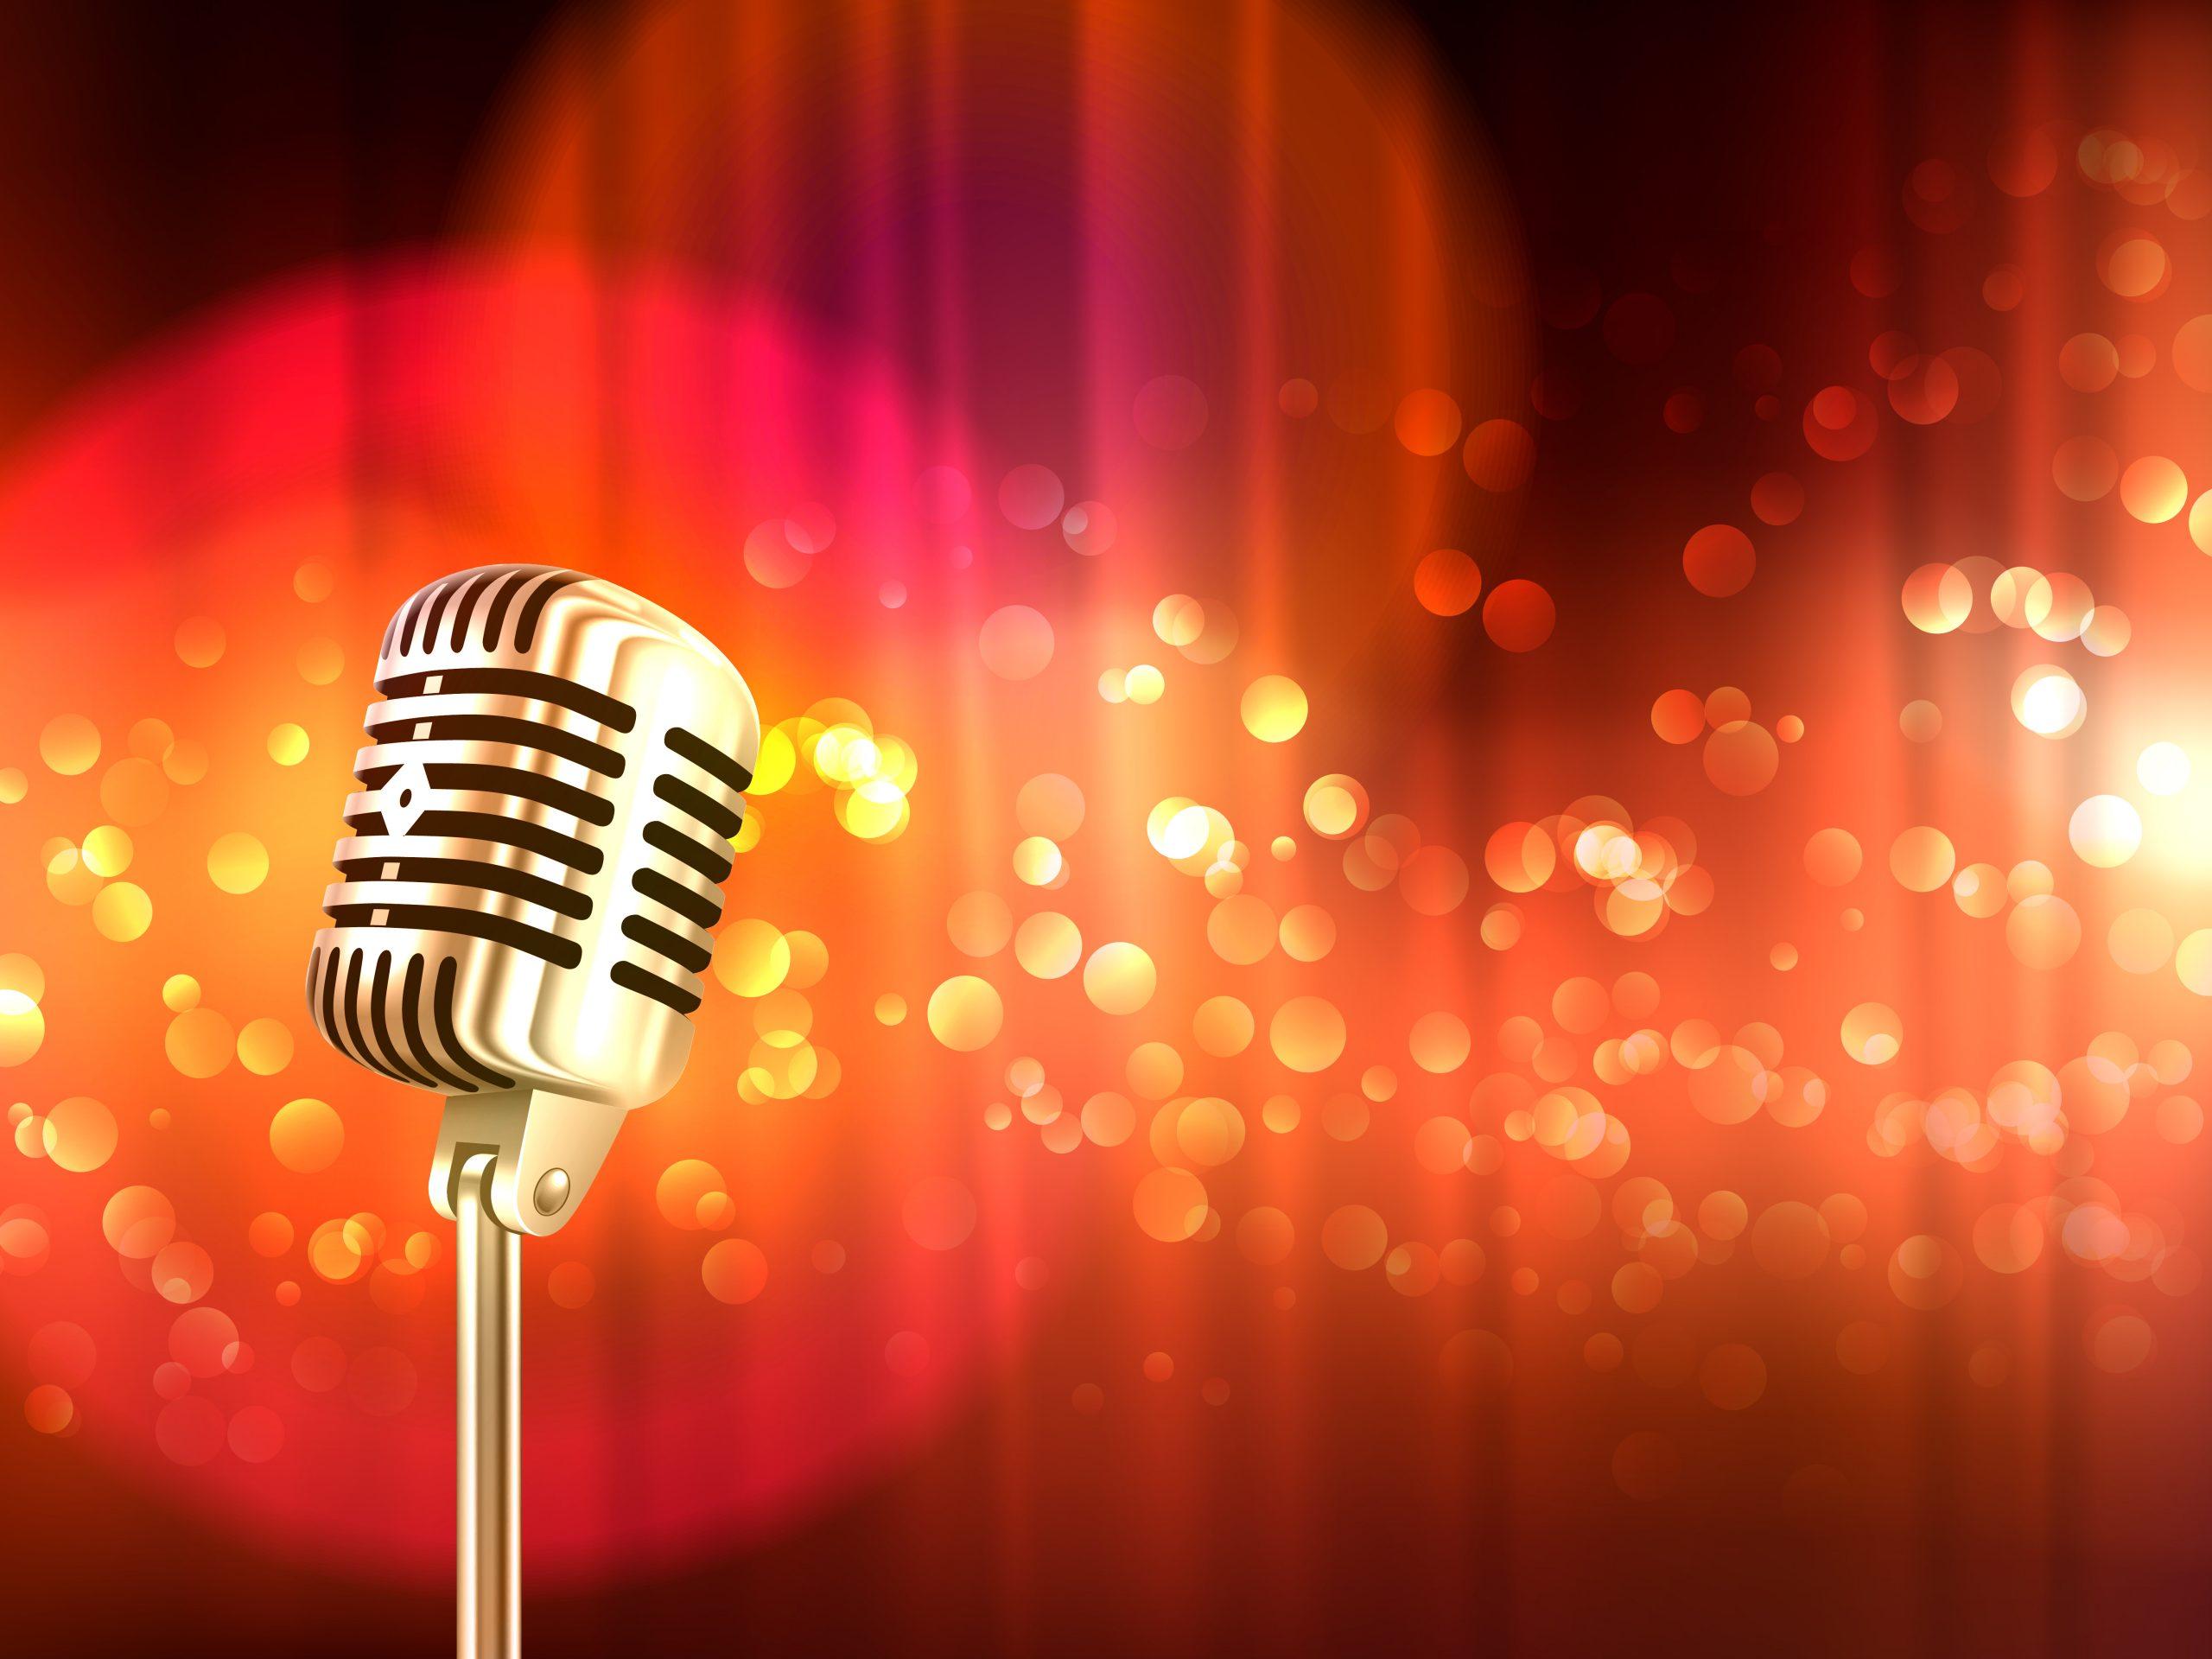 שיעורי מוזיקה בהרצליה, שיעורי פיתוח קול, זימרה, שירה